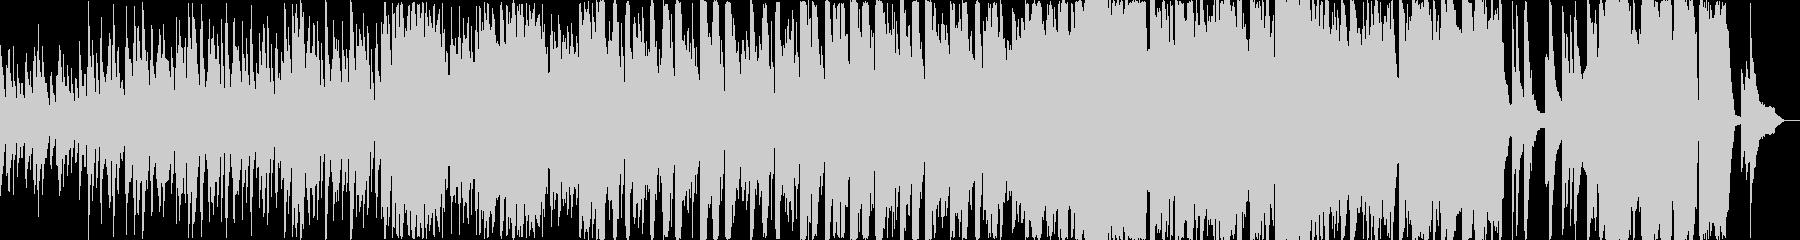 【ショート】起承転結のある温かいピアノオの未再生の波形